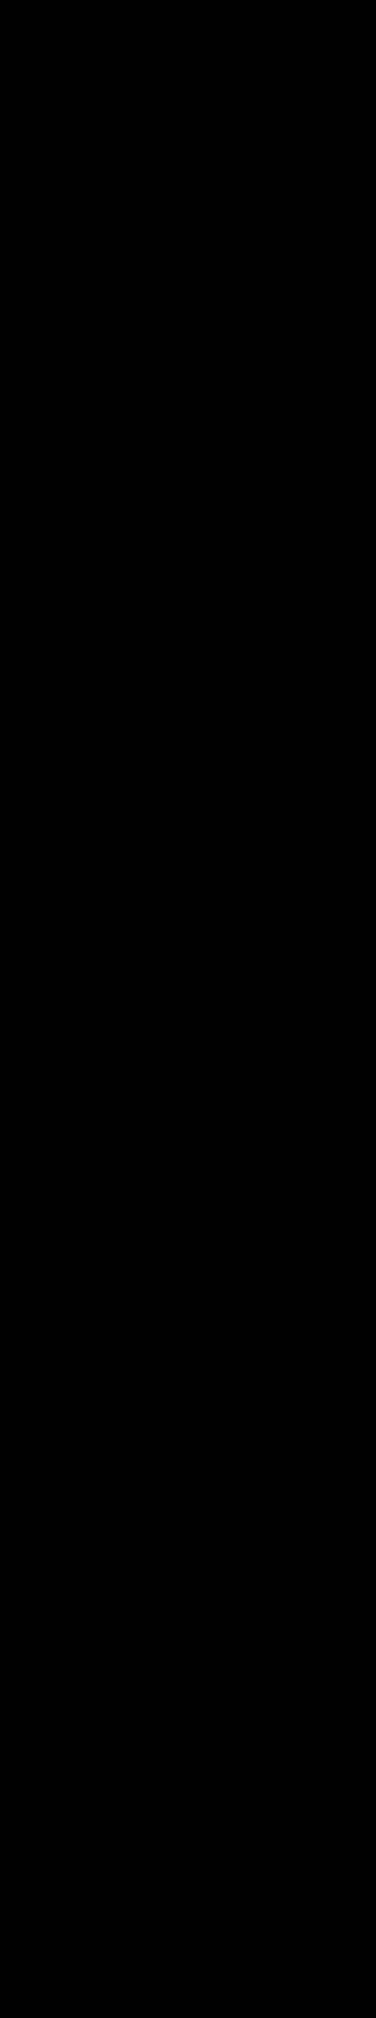 คอร์ดกีต้าร์ไฟฟ้า คอร์ดกีตาร์พื้นฐาน เพลง สายเลือดไทย